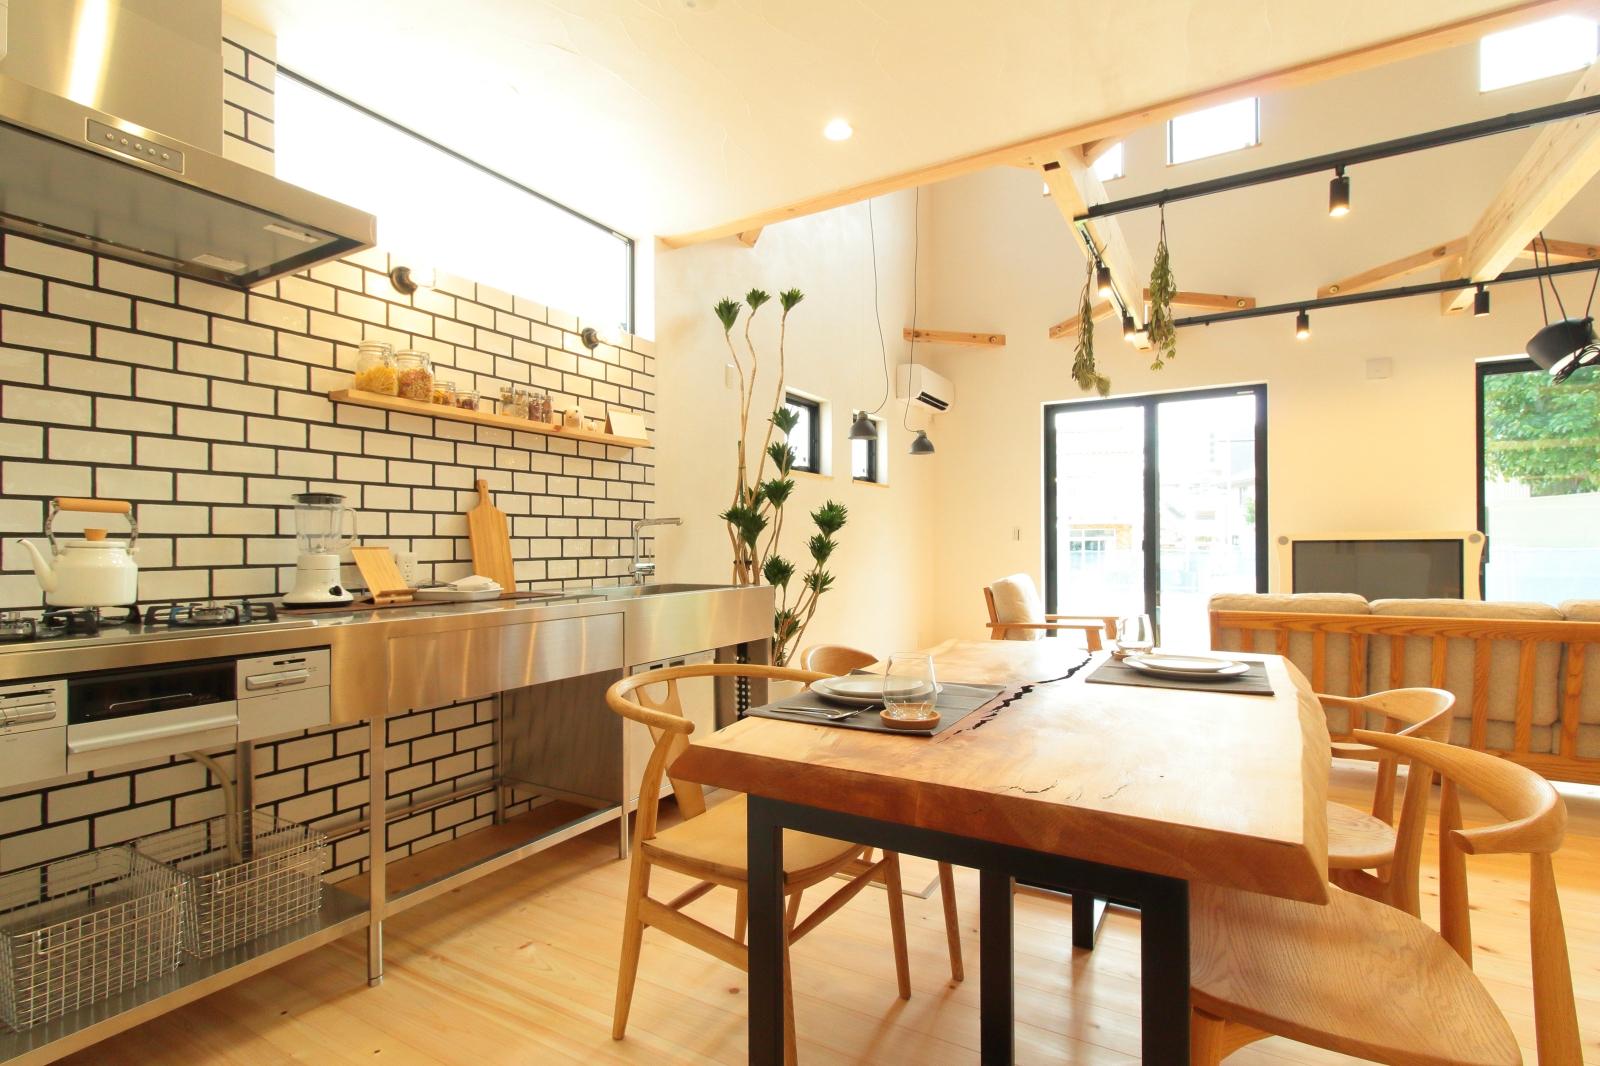 レンガタイル調の壁面が印象的なキッチン